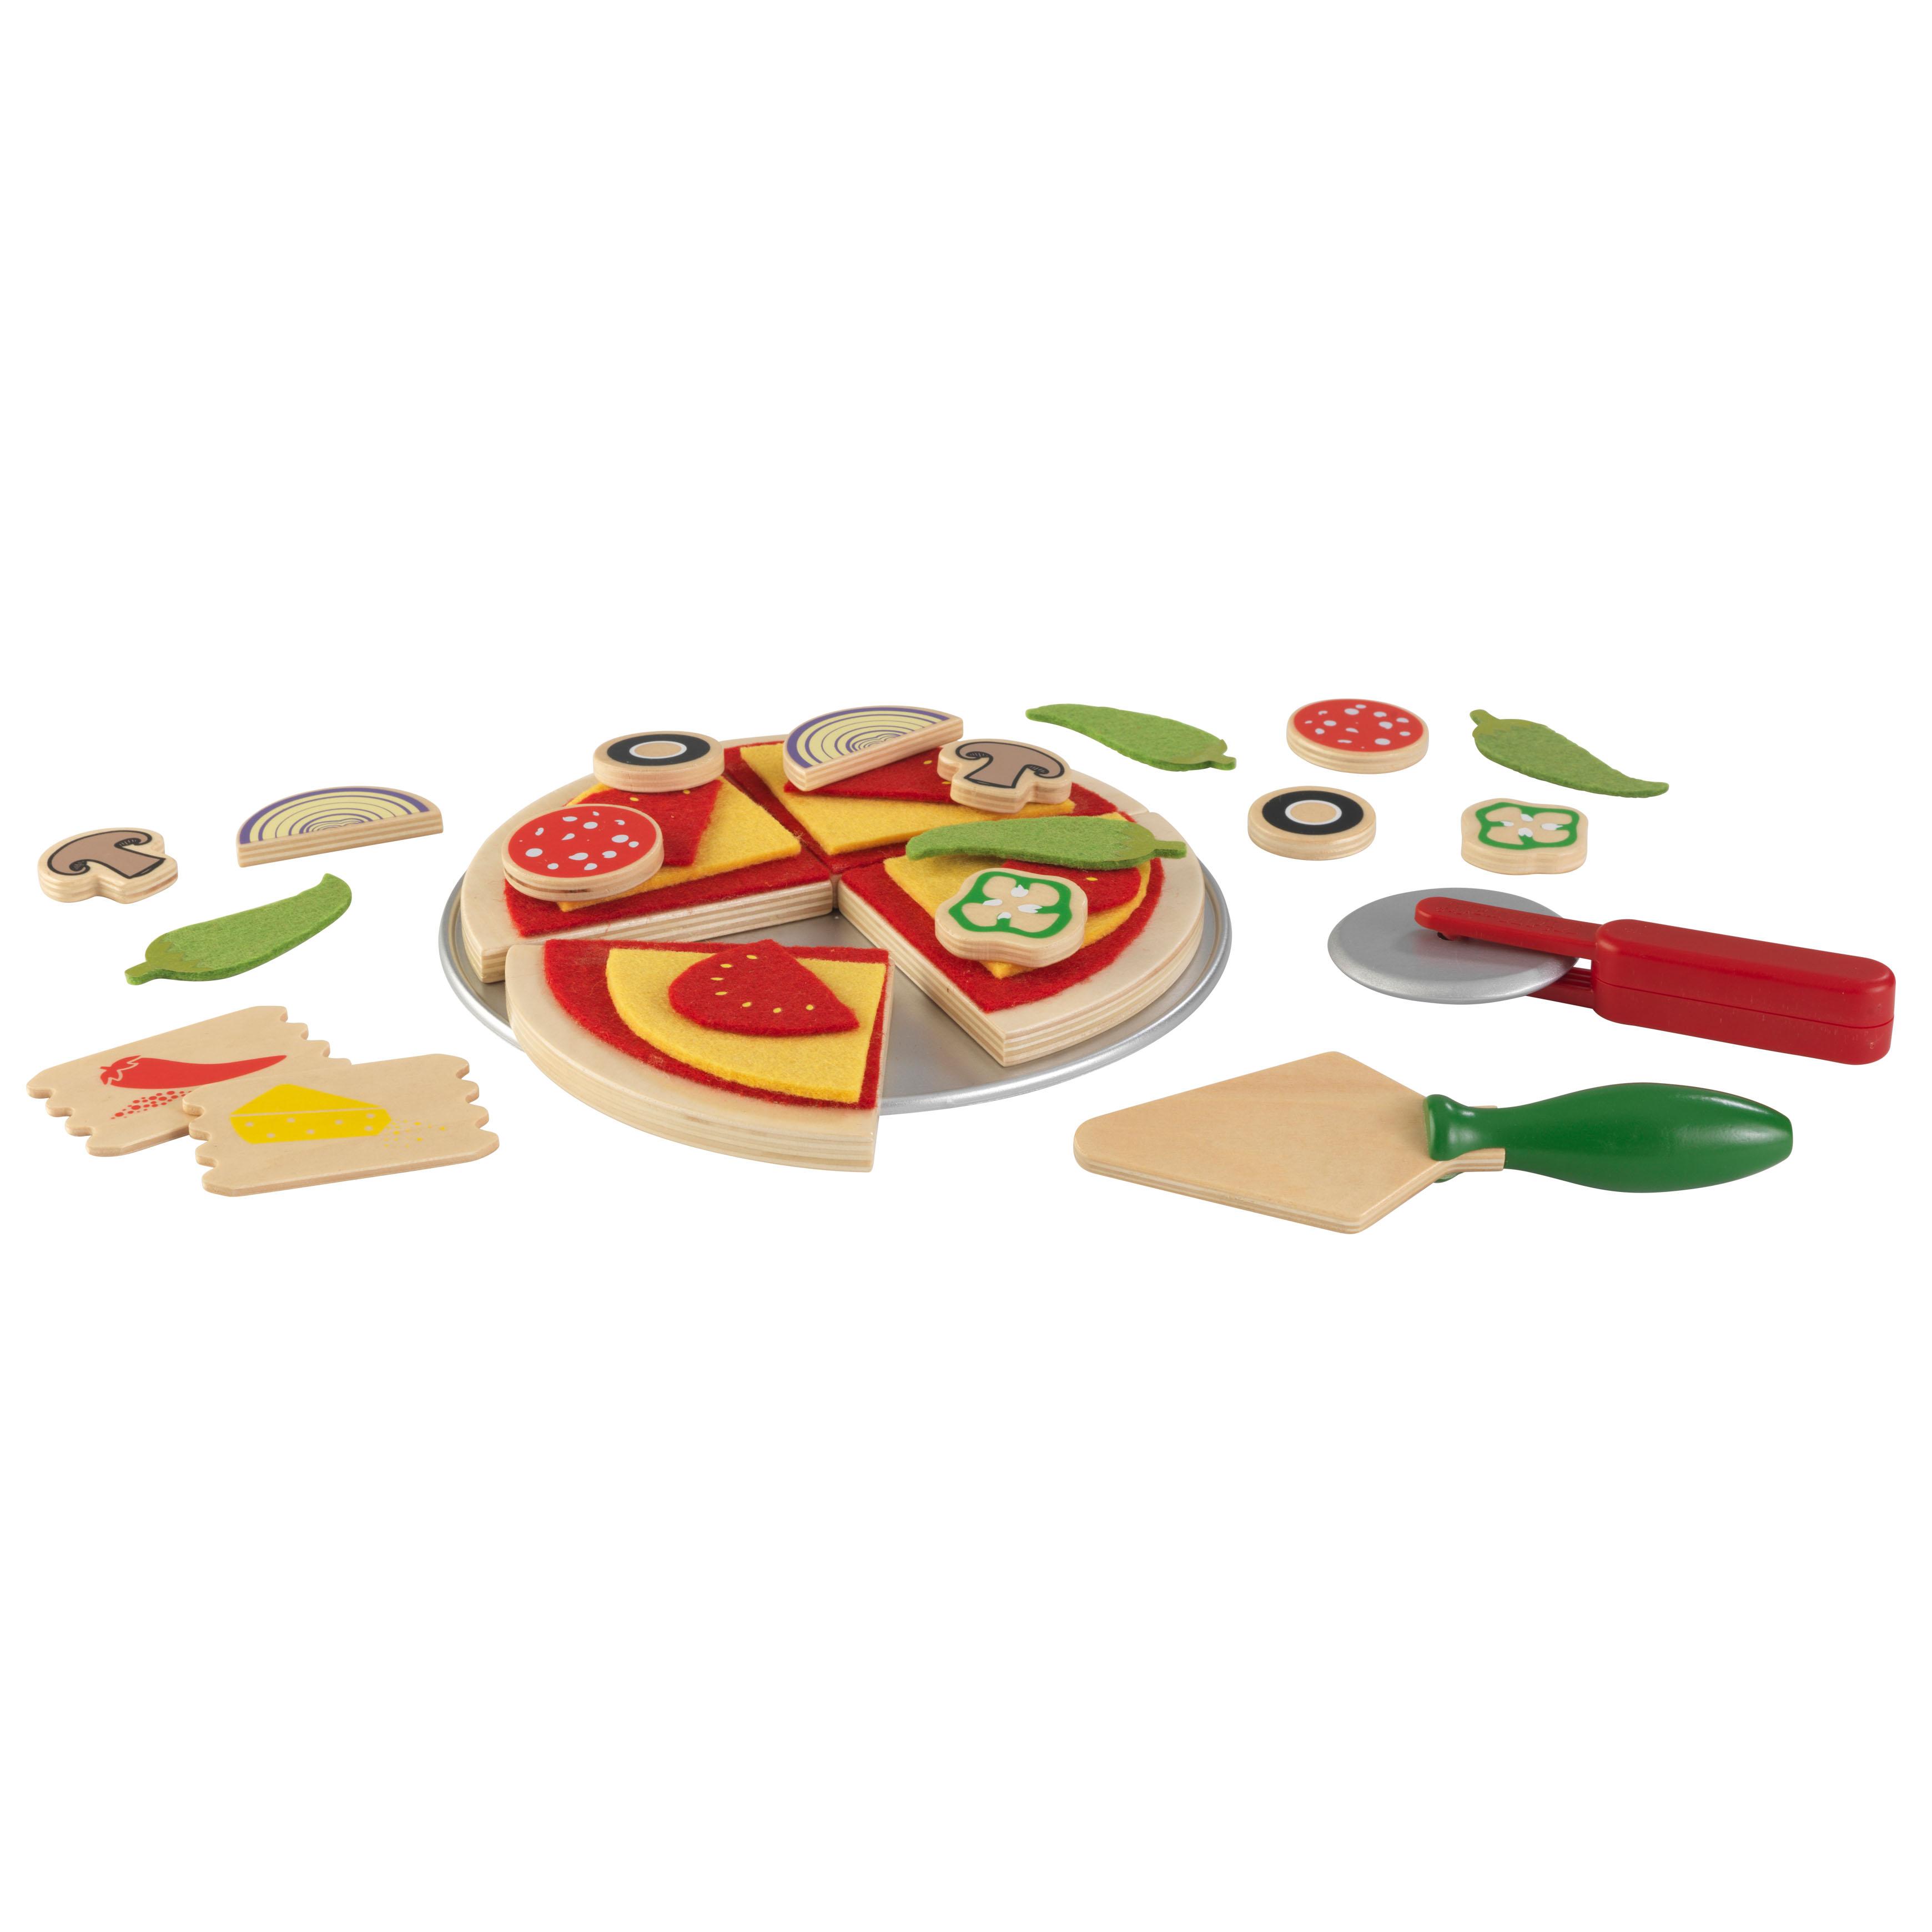 kidkraft pizza play set. Black Bedroom Furniture Sets. Home Design Ideas